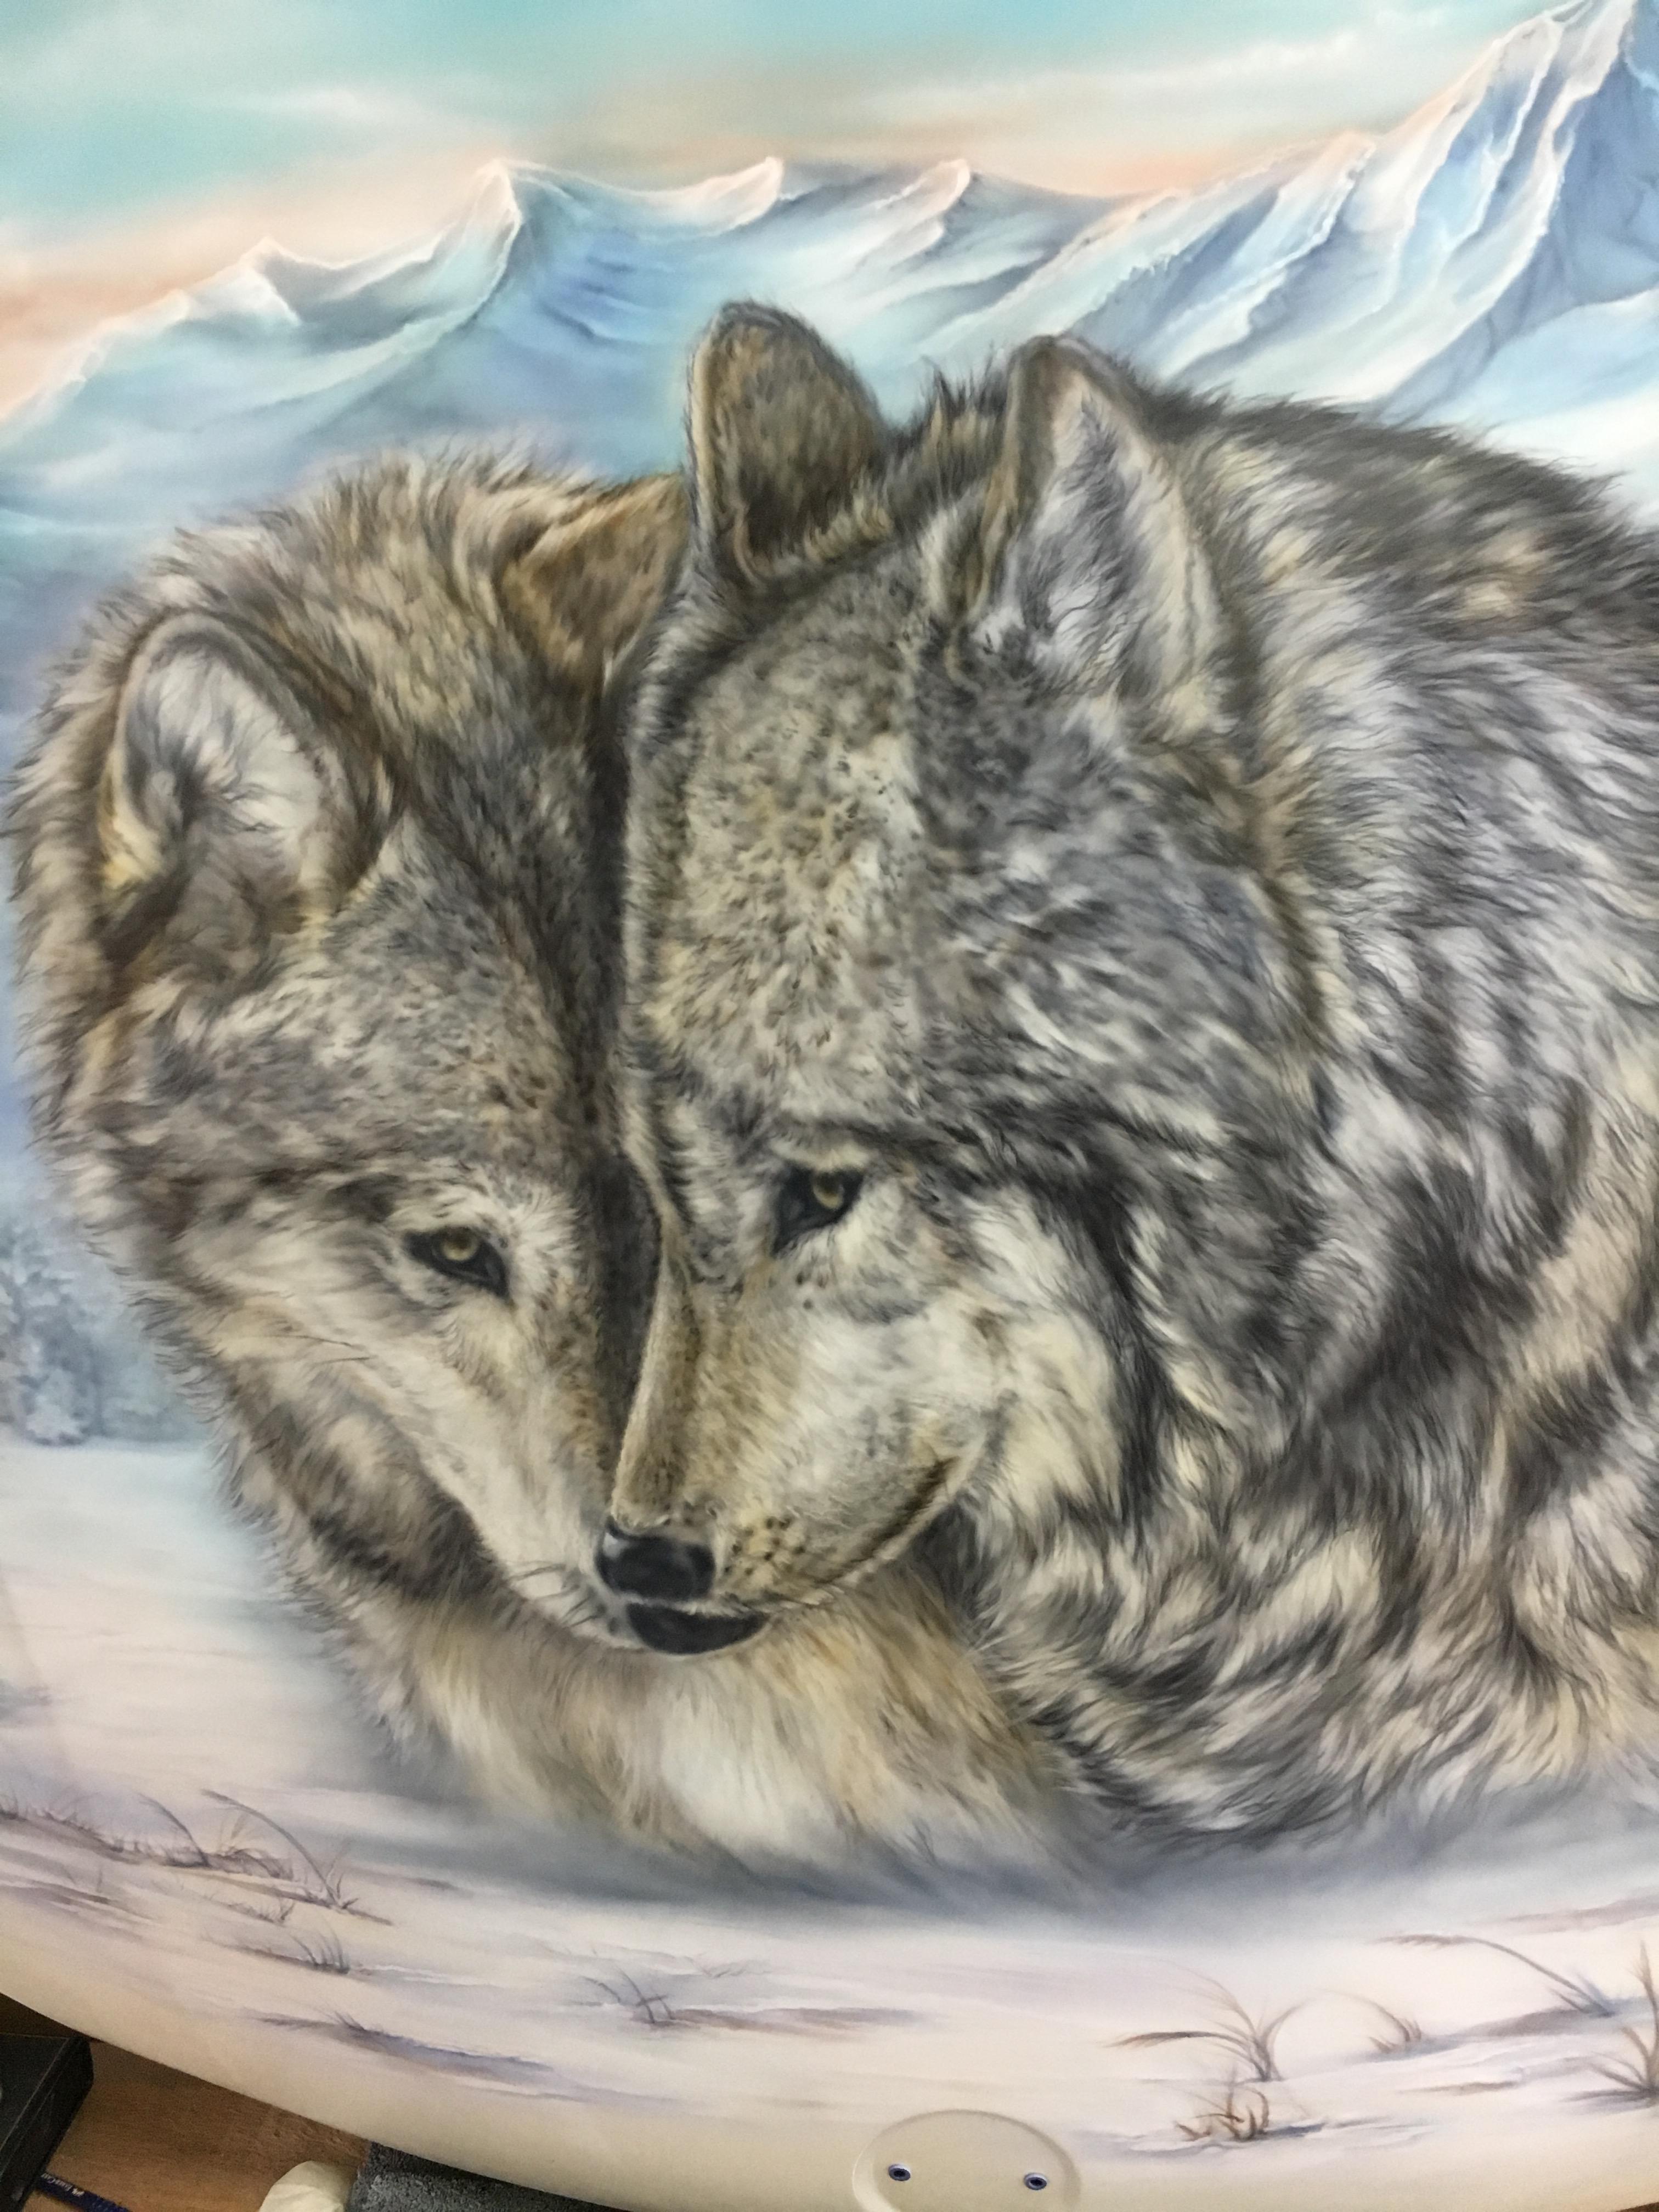 Wölfe und ihre Lebensräume